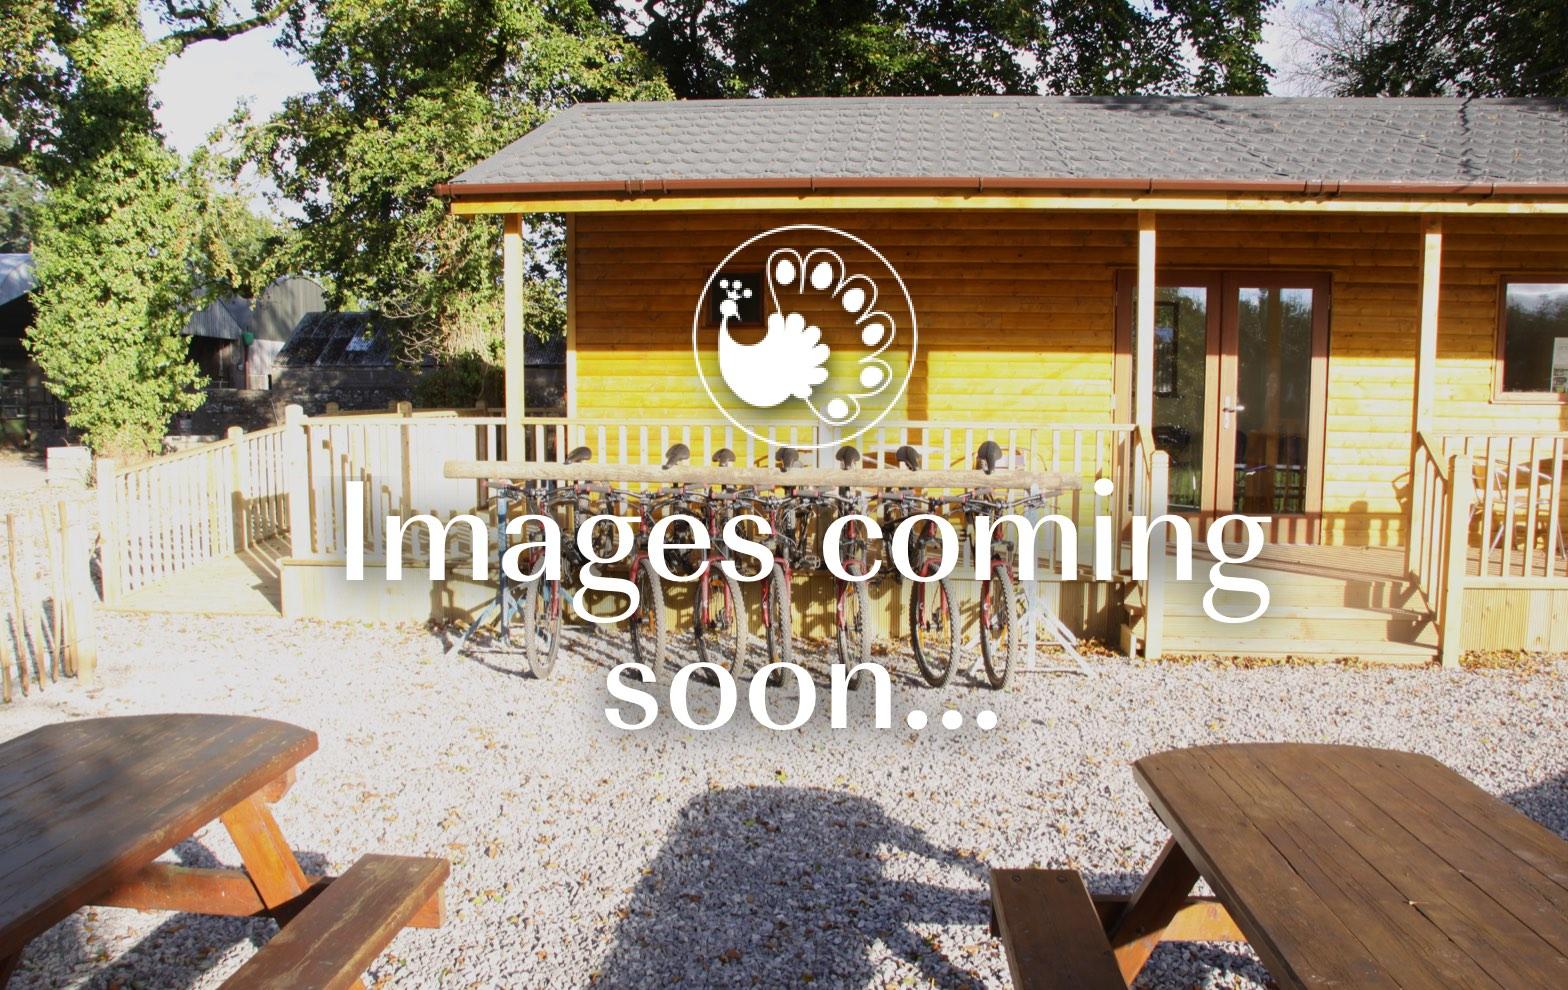 Oak Tree Cabin, coming soon